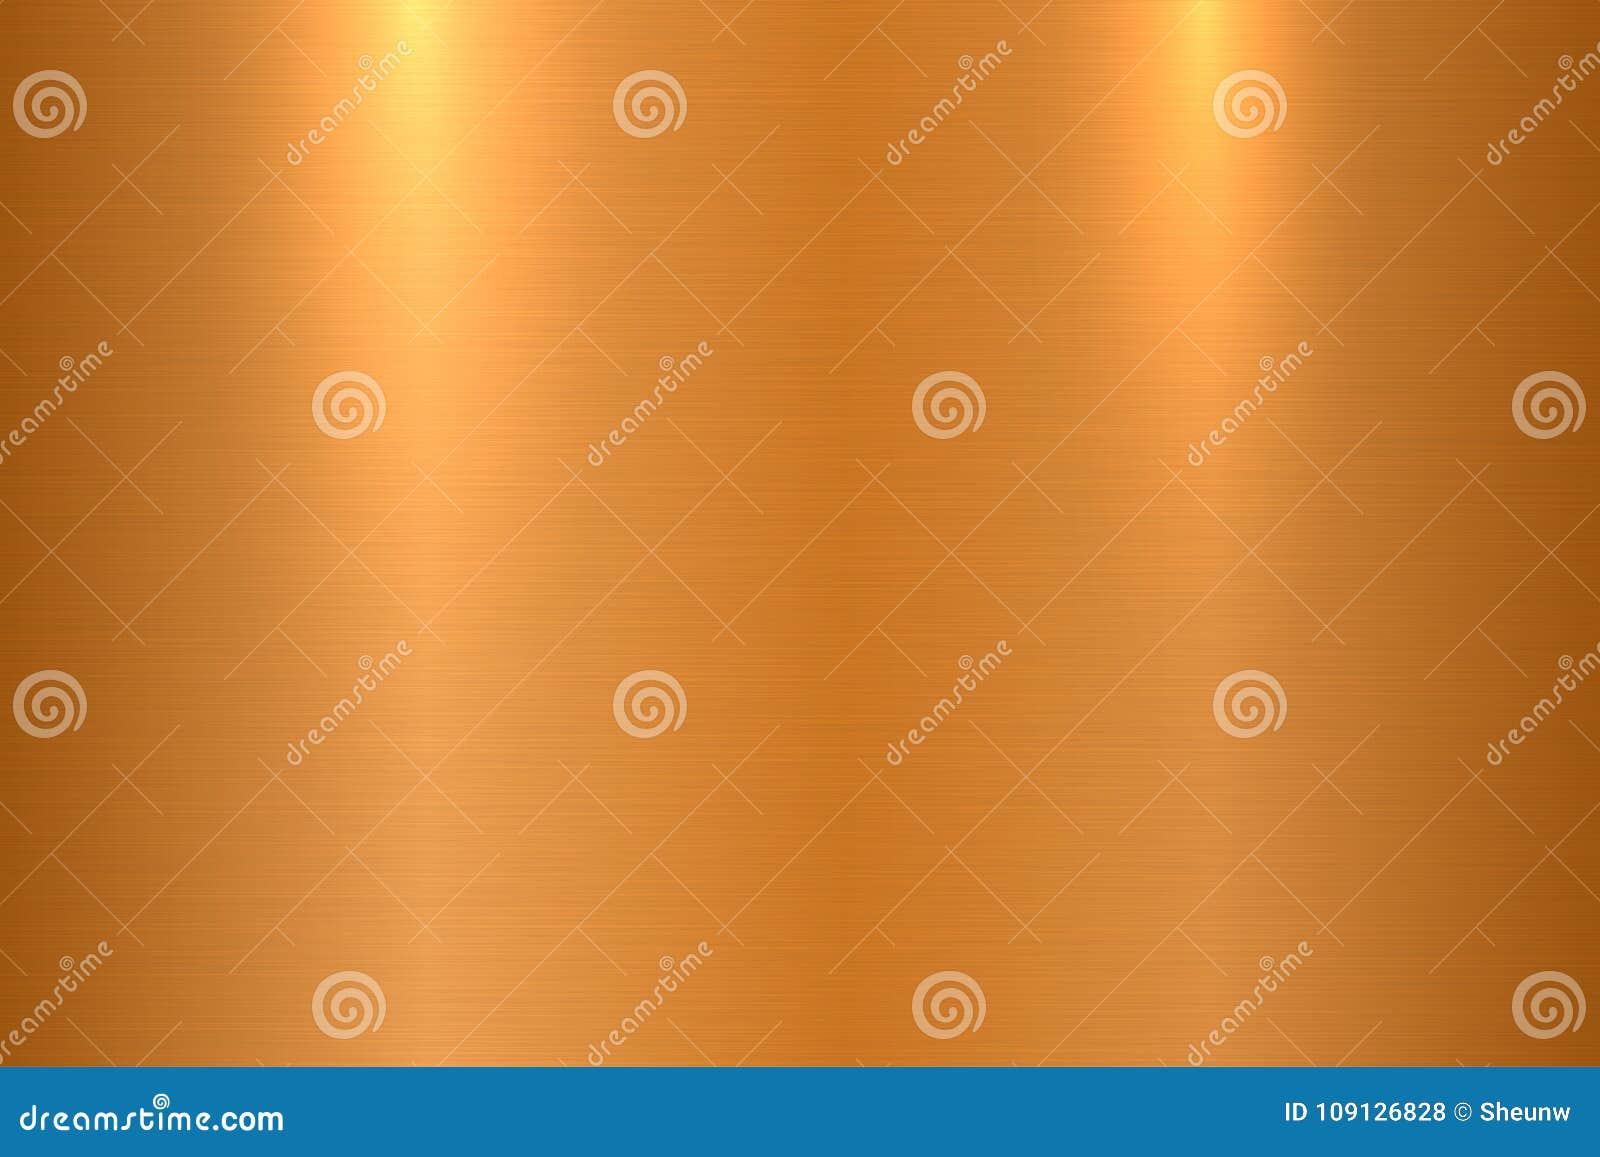 古铜掠过的金属纹理 发光的优美的金属表面背景